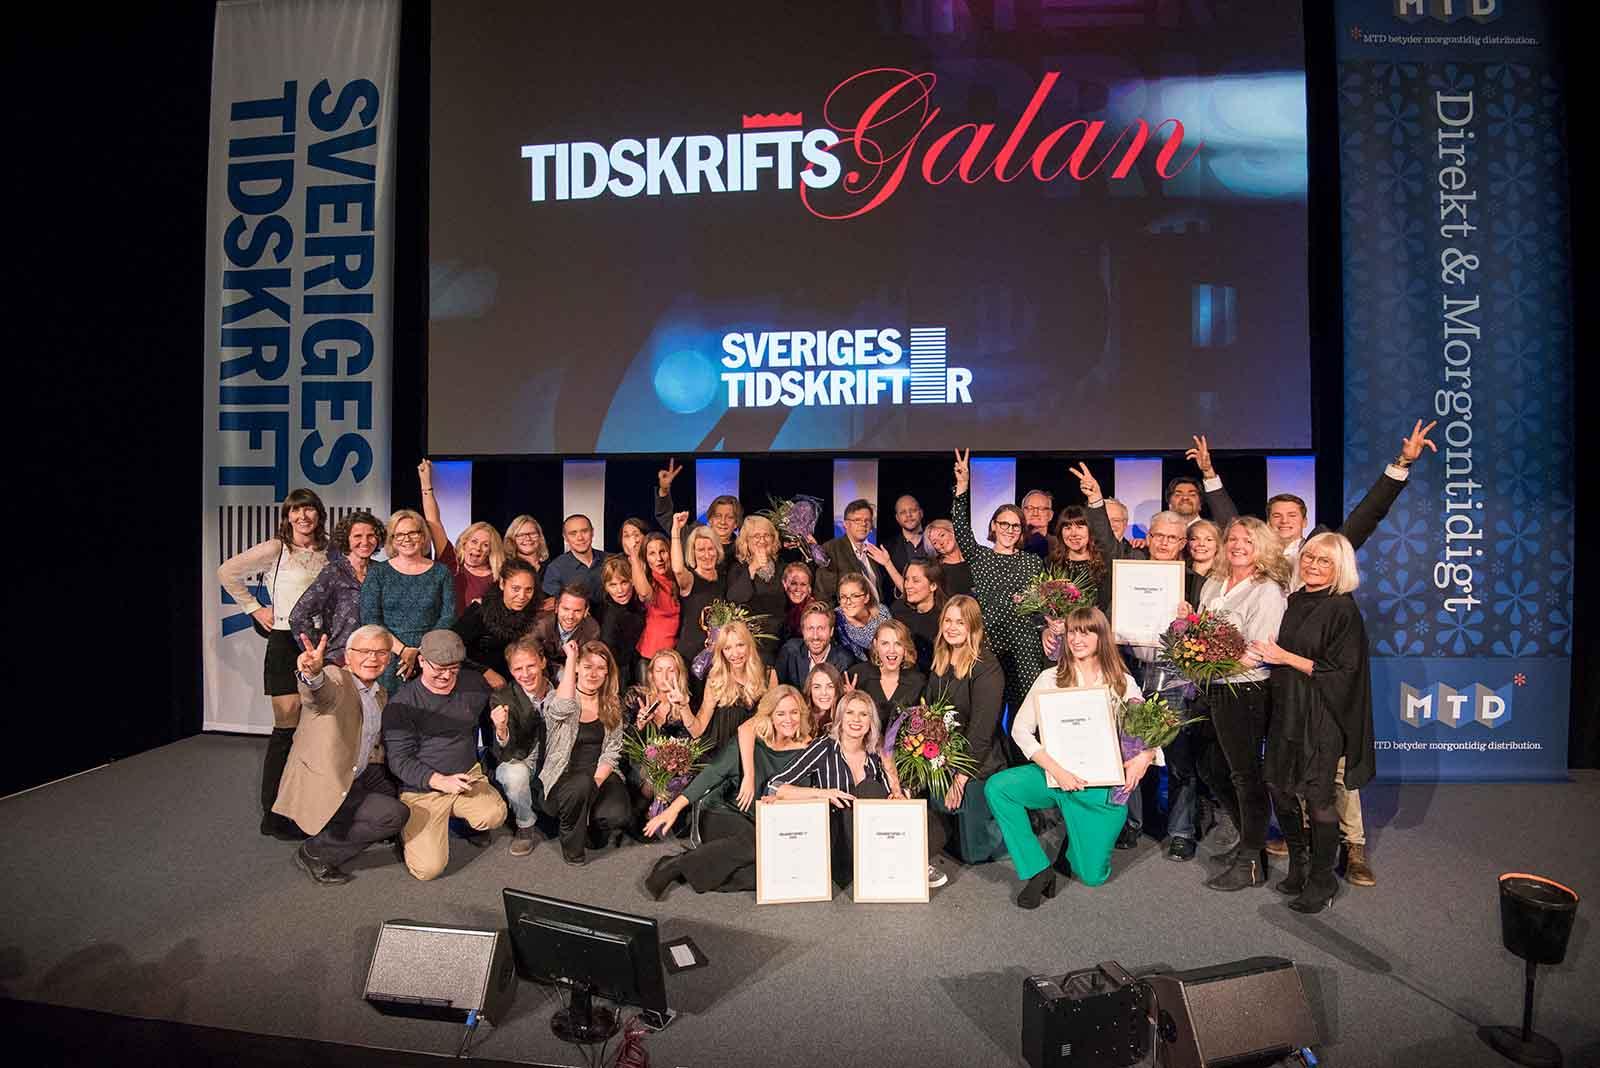 Grattis alla vinnare av Tidskriftspriset 2016!